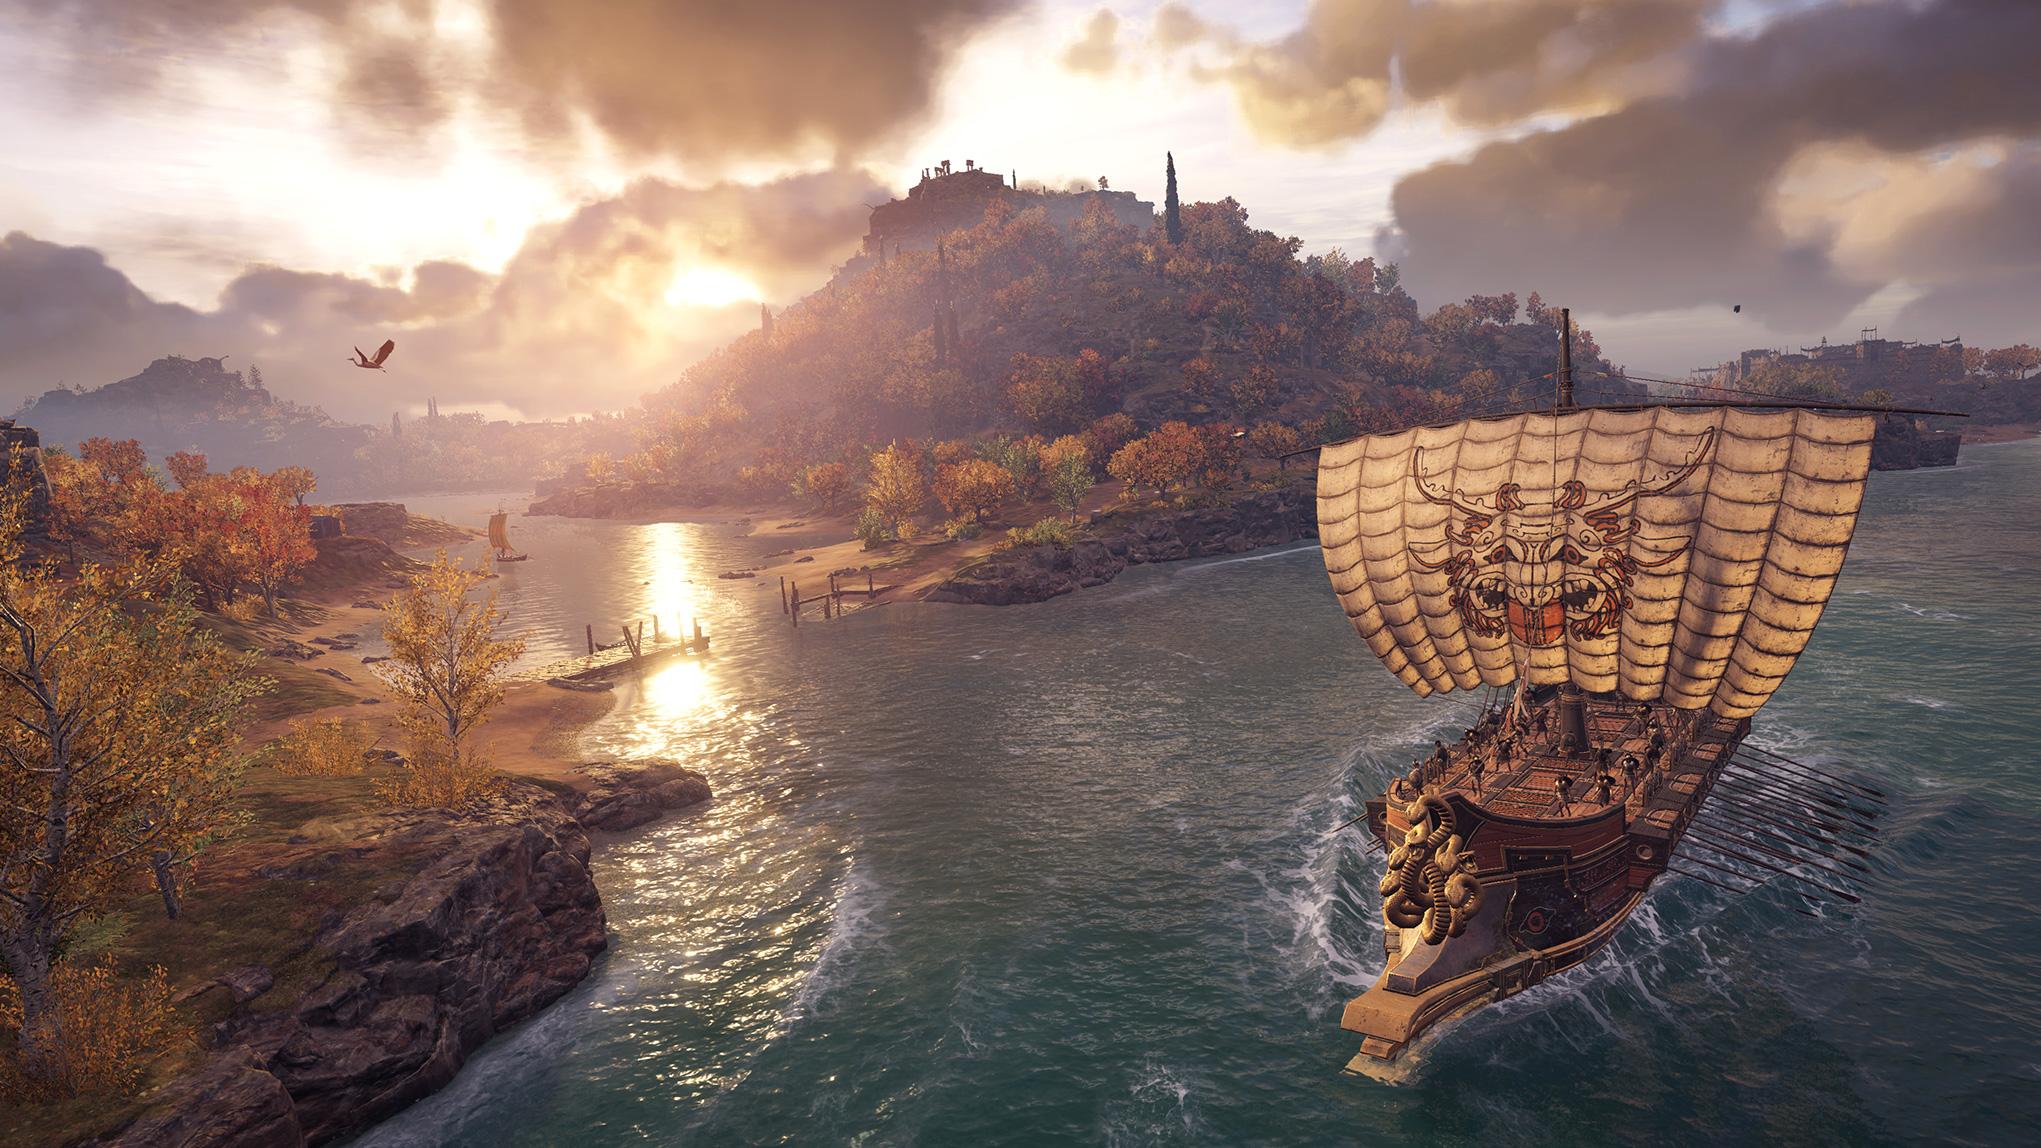 """Nehmen zum ersten Mal seit """"Black Flag"""" wieder einen wesentlichen Teil des Spiels ein: Cineastisch präsentierte Seeschlachten. Auf Kanonendonner muss man in der Antike allerdings verzichten - stattdessen gibt es Flammenpfeile und griechisches Feuer."""